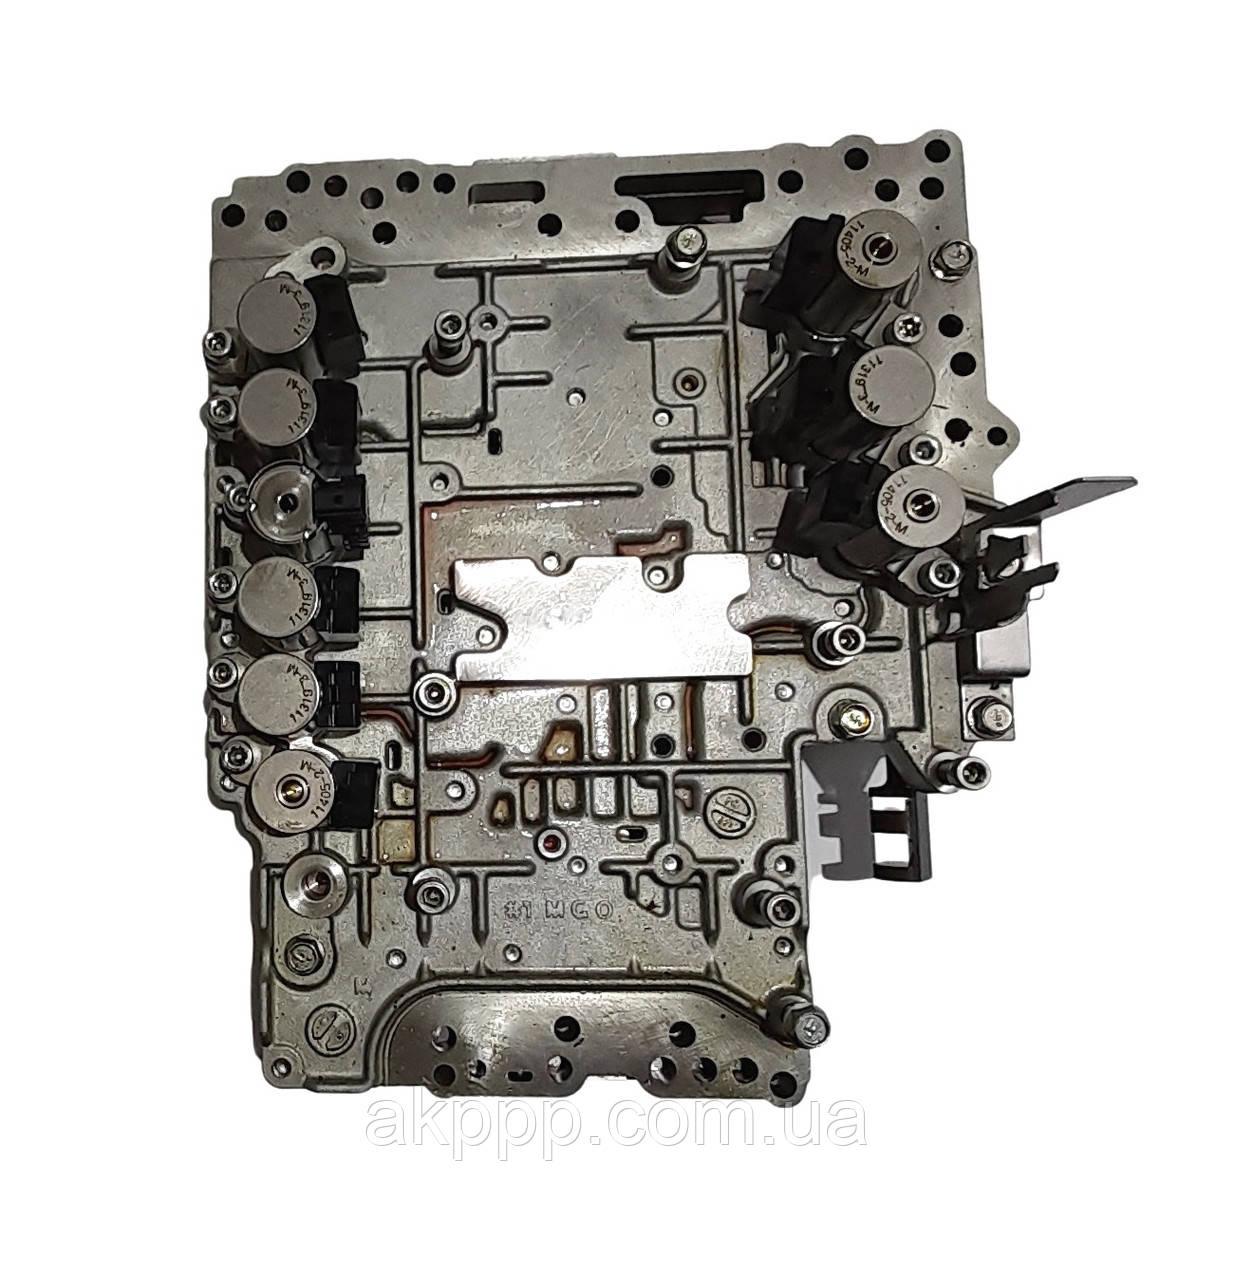 Гидроблок АКПП JR710E, RE7R01A, JR711E, RE7R01B, снято с новой коробки